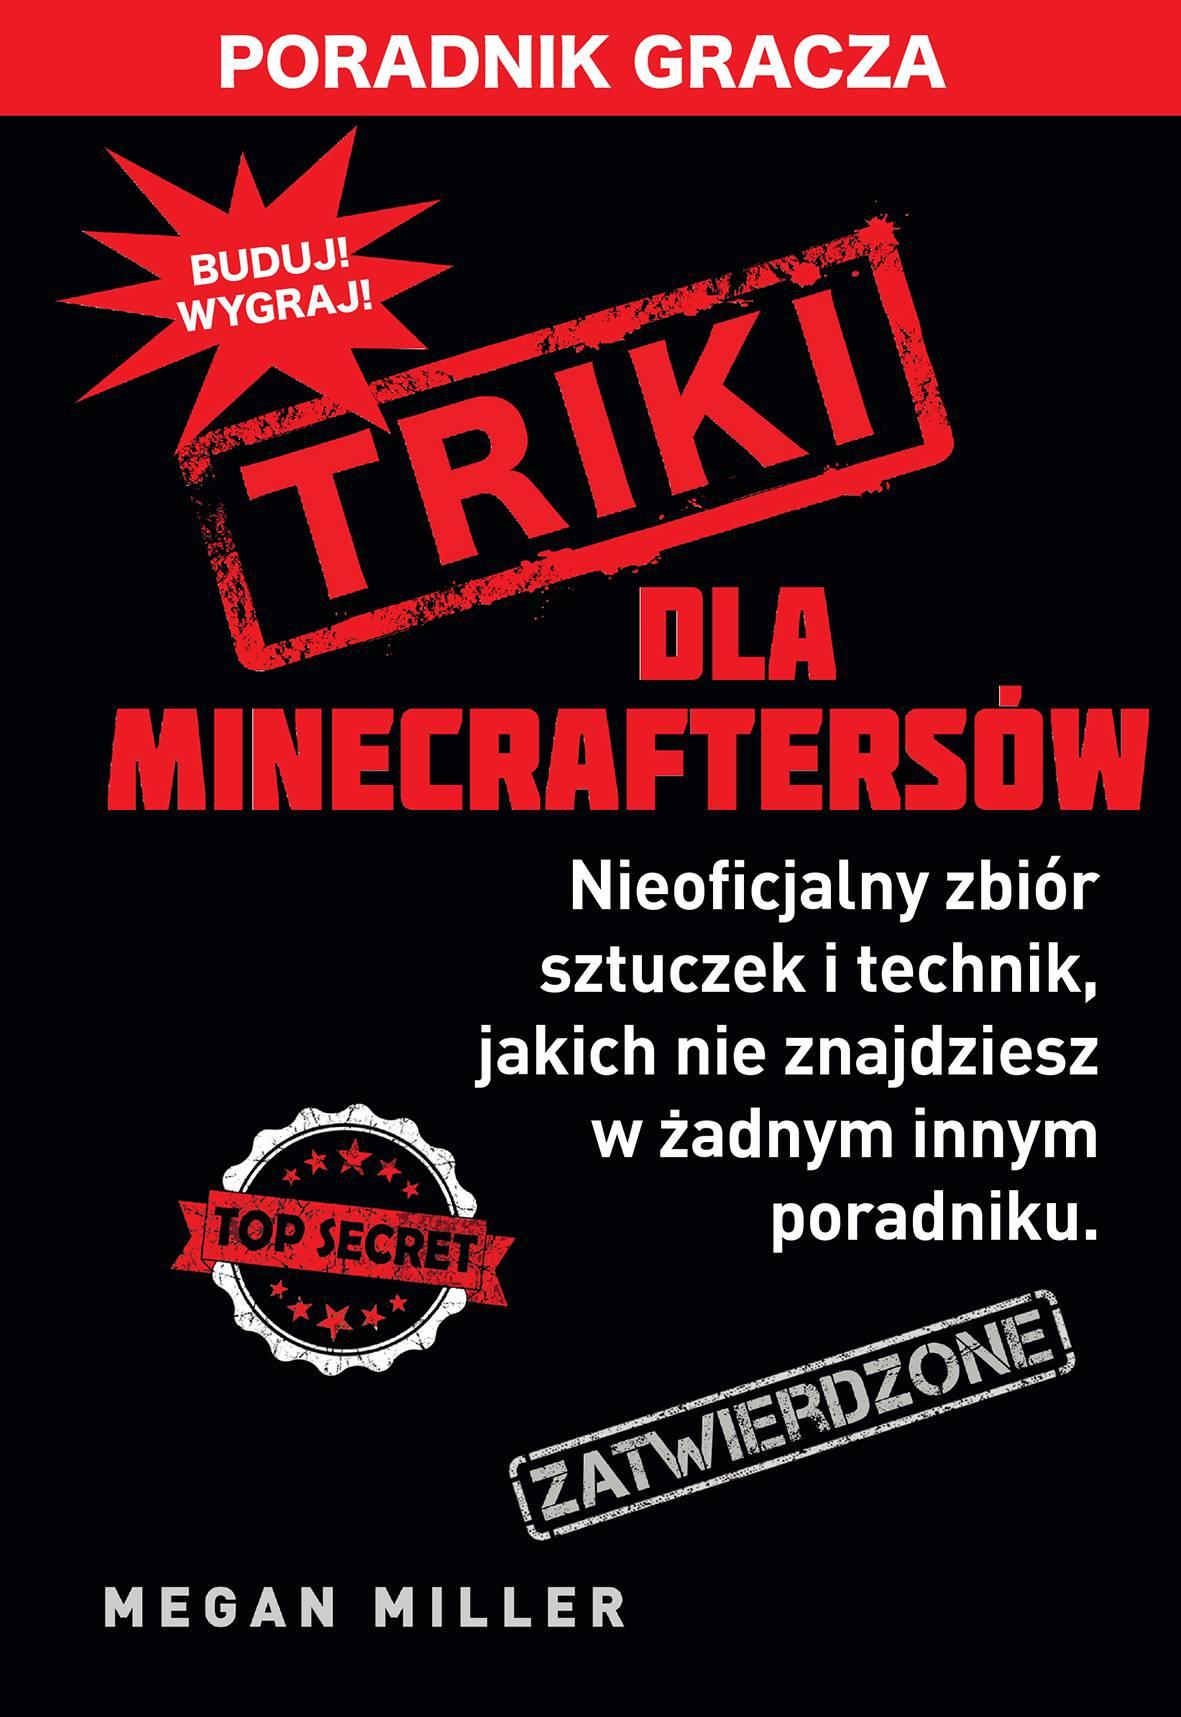 Triki dla minecraftersów - Ebook (Książka EPUB) do pobrania w formacie EPUB